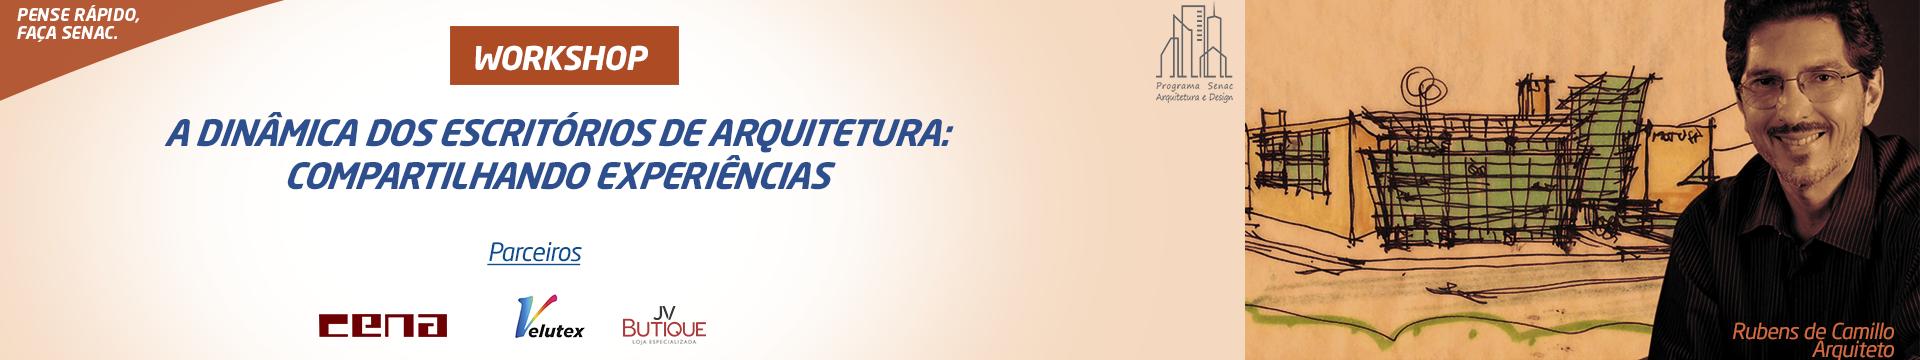 Rubens de Camillo apresenta dicas para escritórios de arquitetura em workshop no Senac